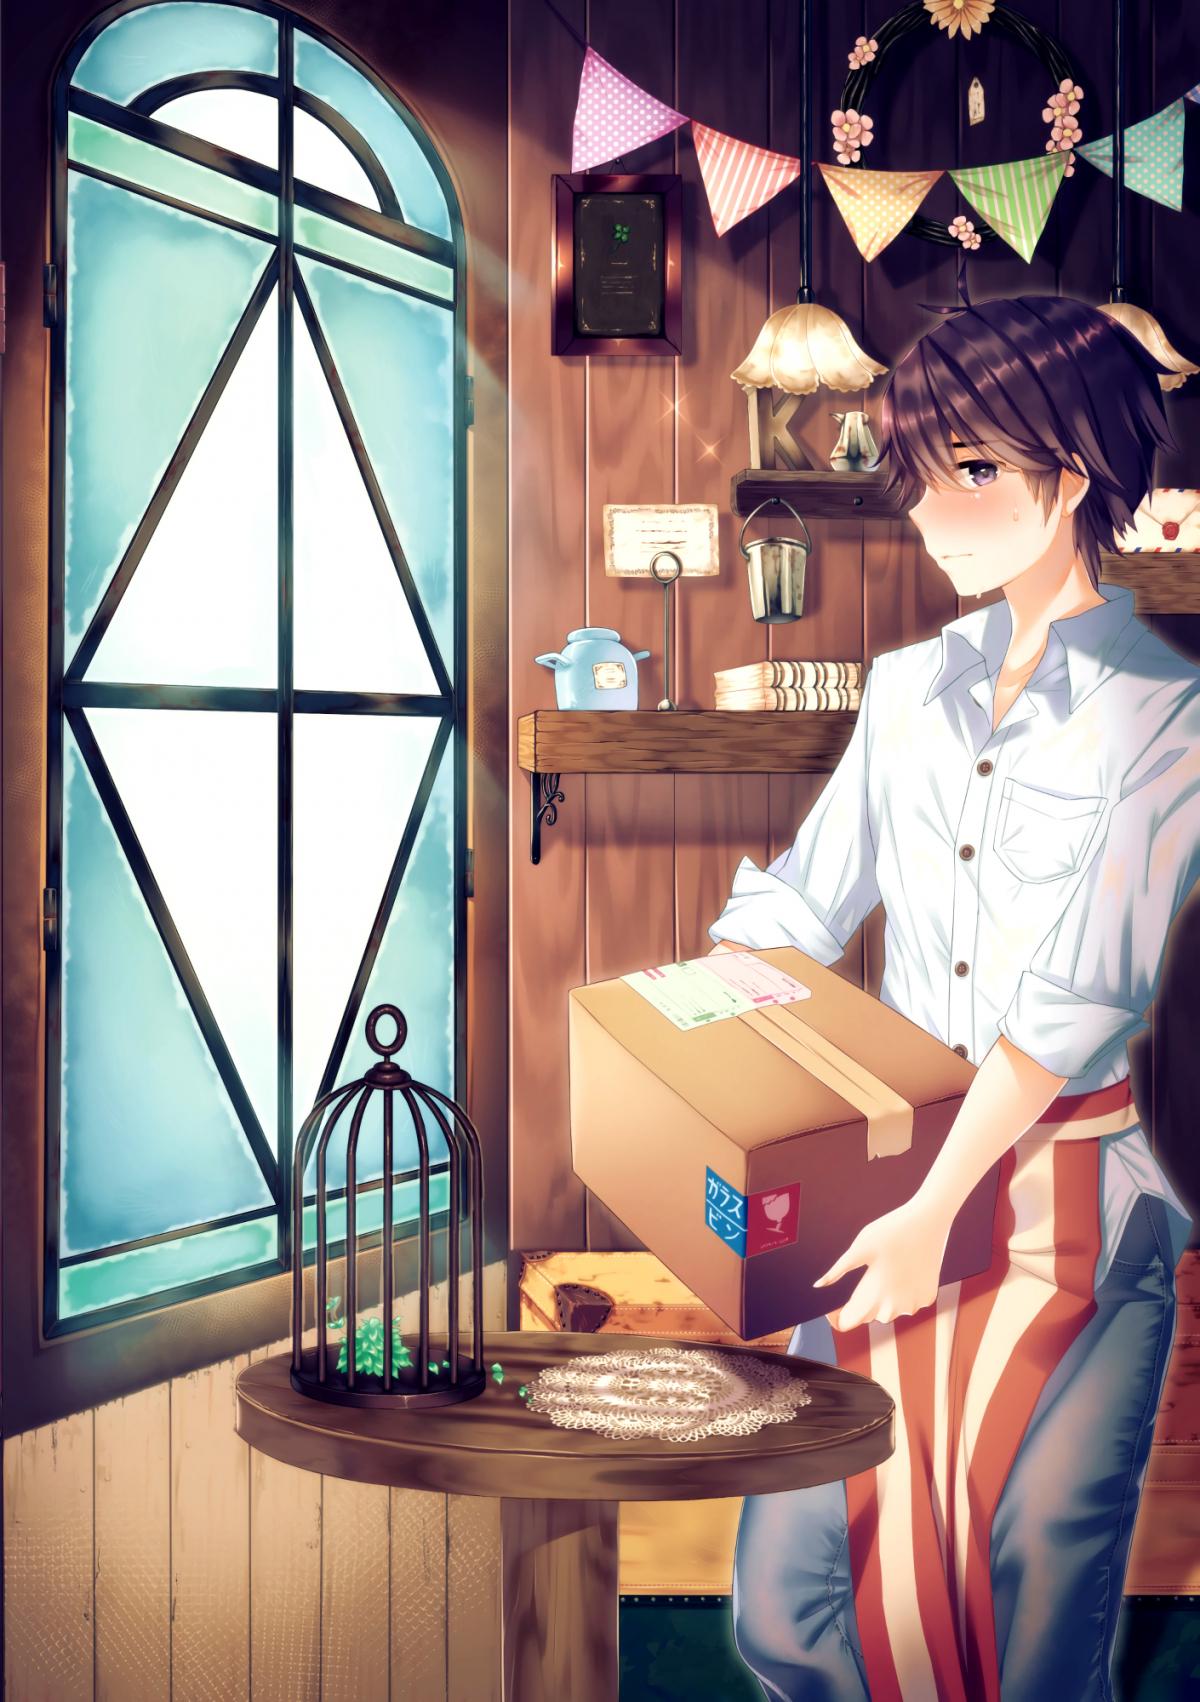 HentaiVN.net - Ảnh 20 - Pai Shota Milk - Boobies, a Shota & Milk; パイショタみるく - Oneshot